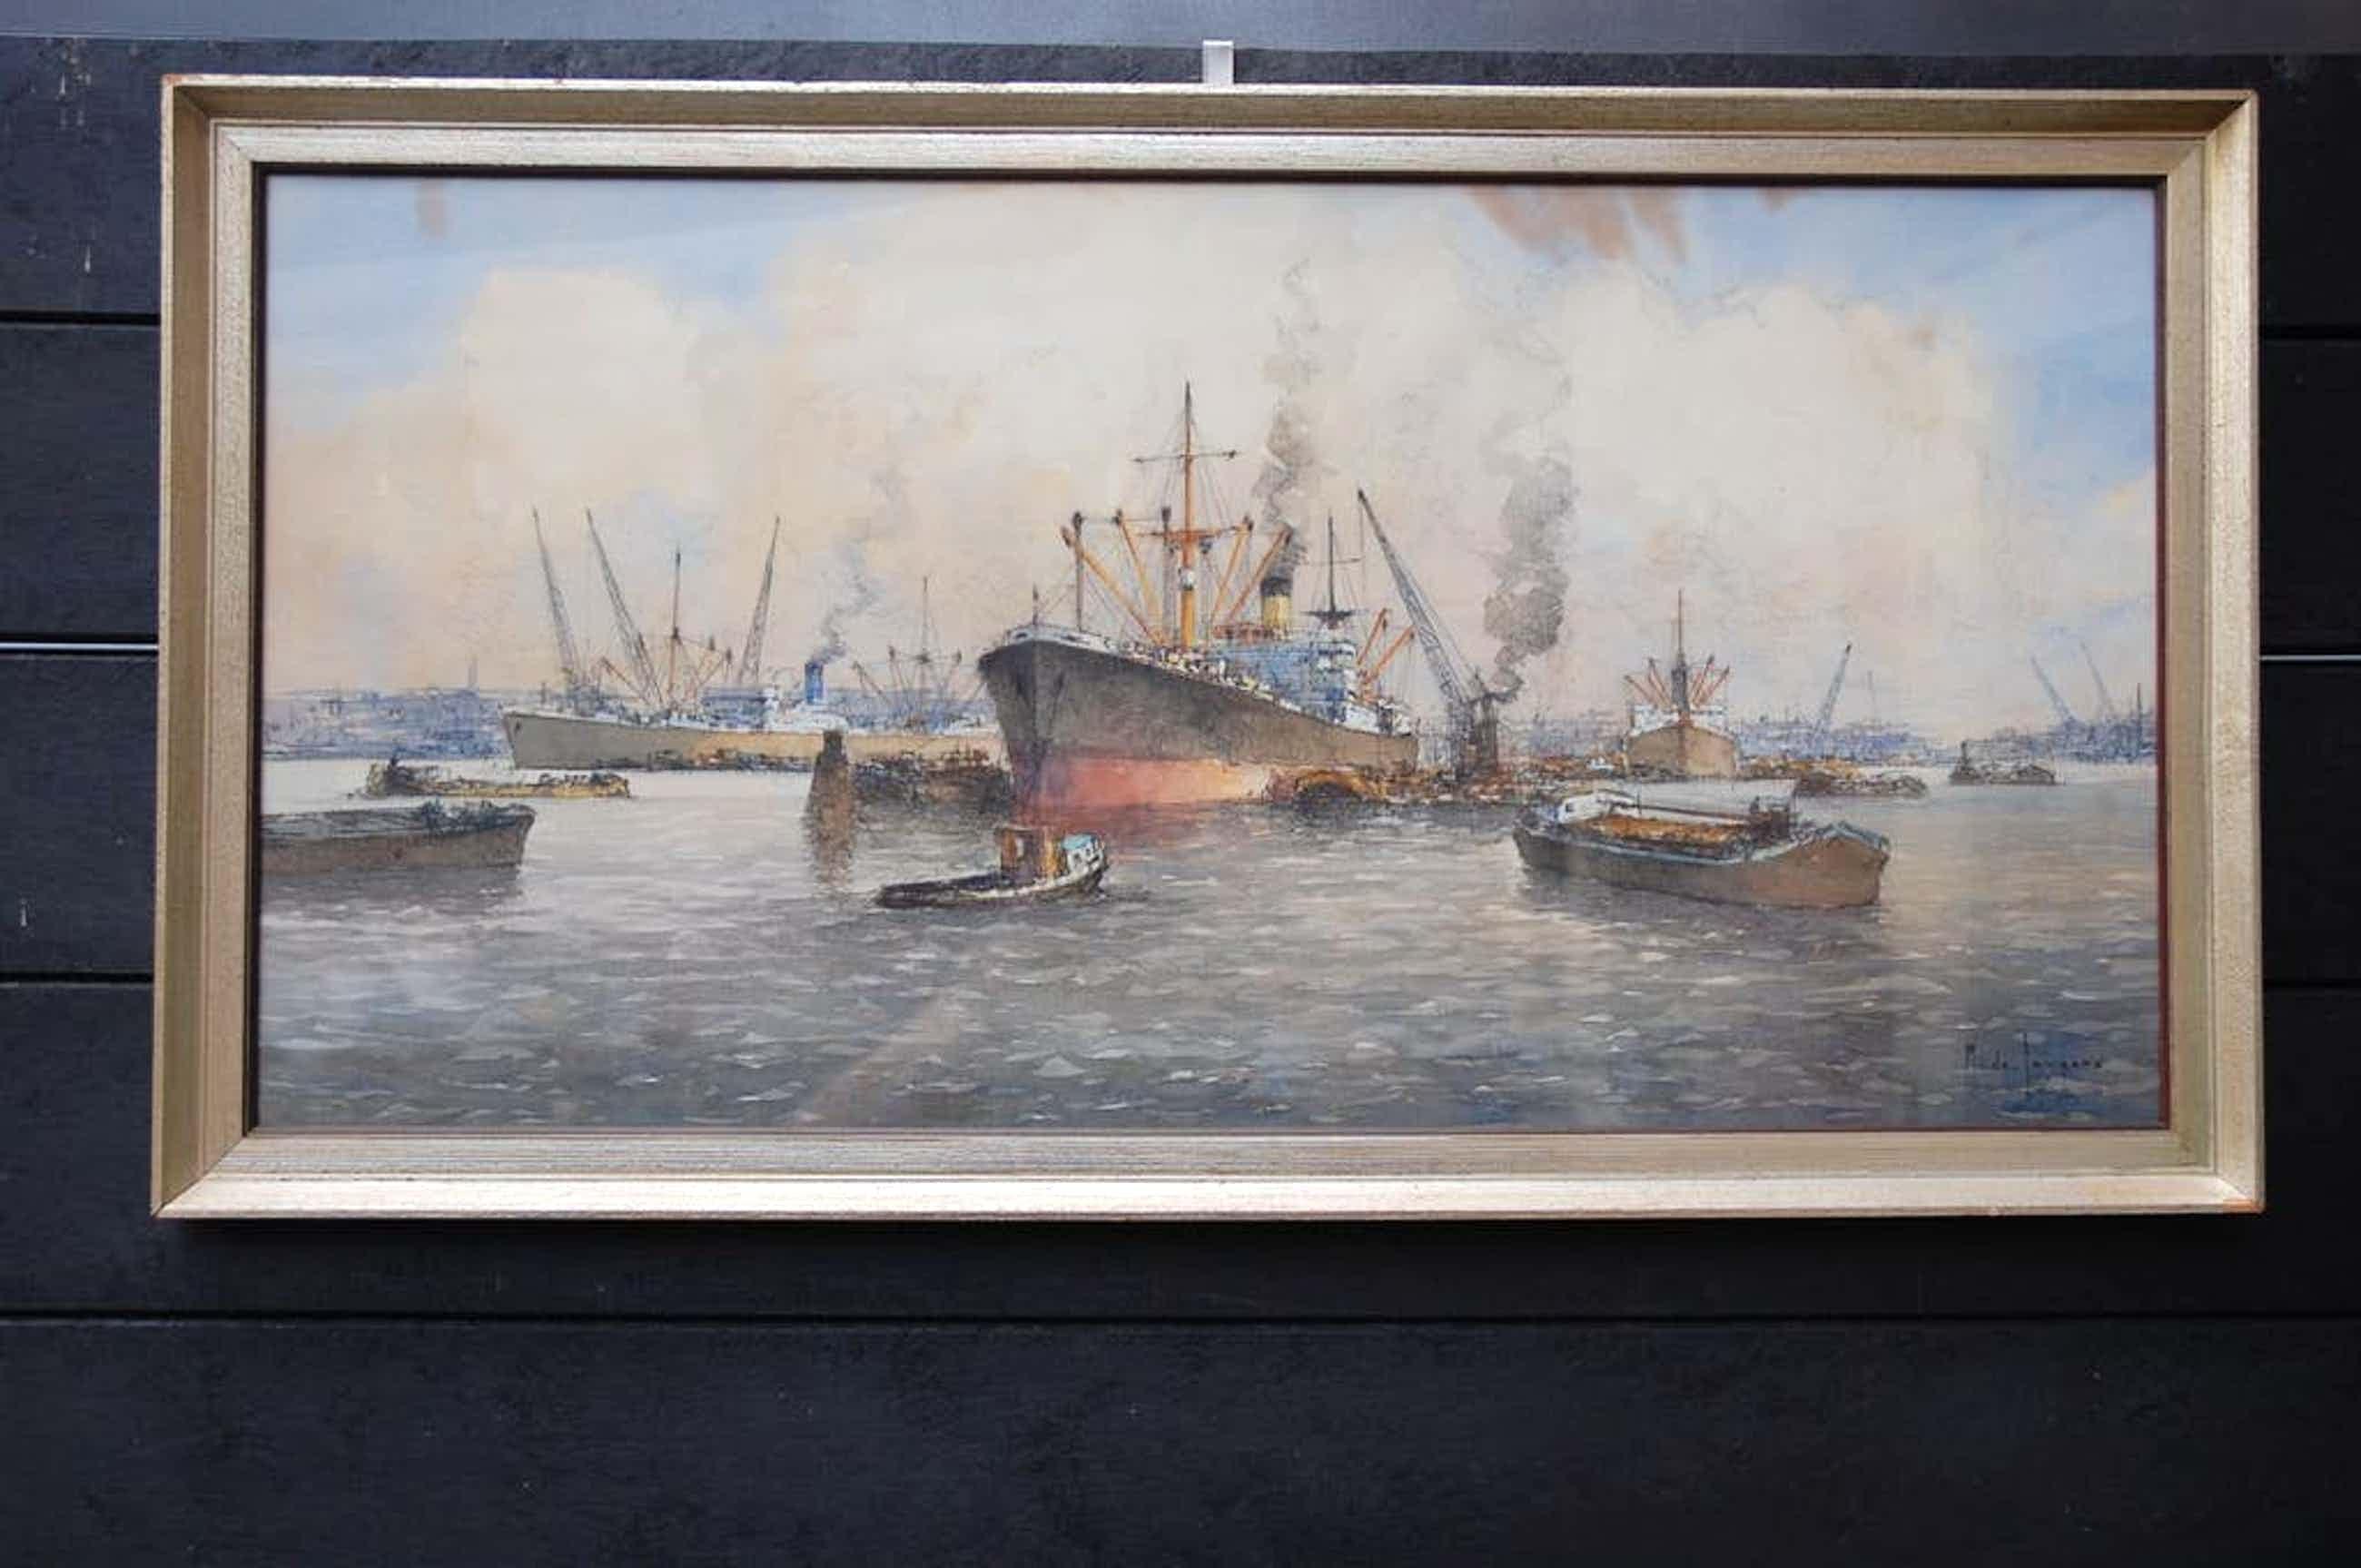 Marius de Jongere - M de Jongere Bedrijvigheid in Rotterdamse haven kopen? Bied vanaf 595!